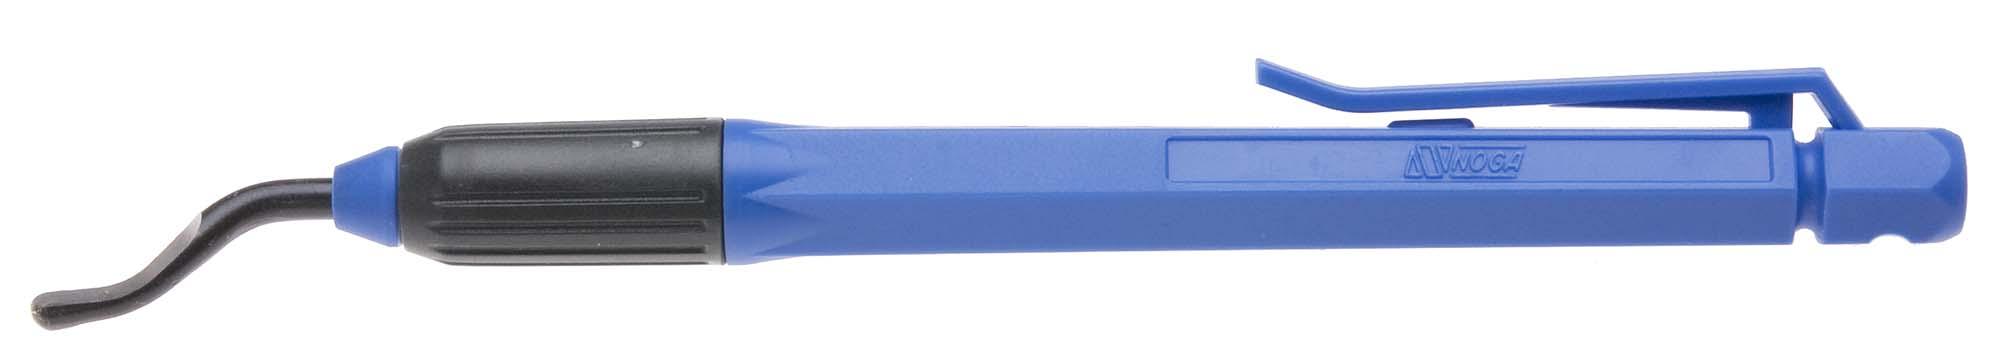 Noga EO2000 Edge-Off Deburr Tool